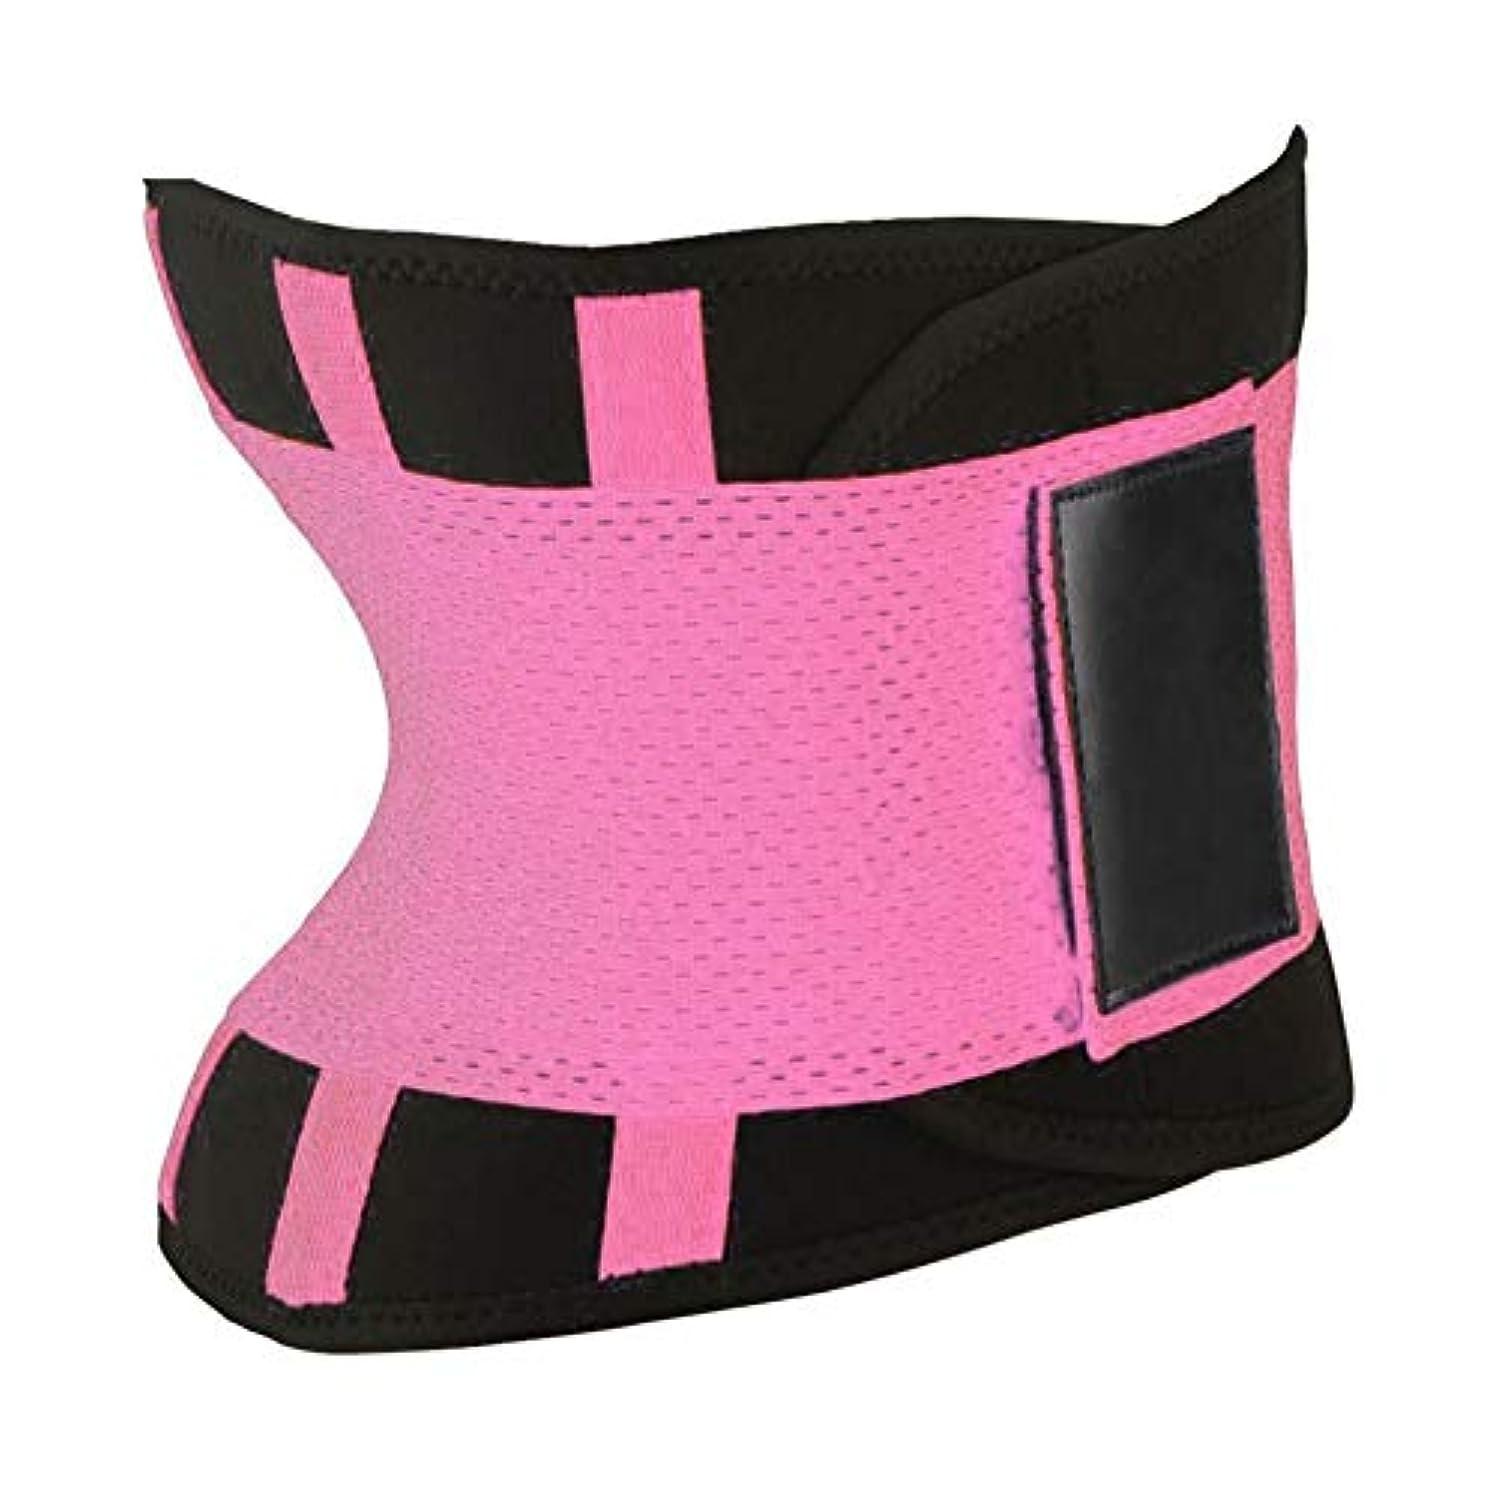 信念空虚支出快適な女性ボディシェイパー痩身シェイパーベルトスポーツ女性ウエストトレーナーニッパー制御バーニングボディおなかベルト - ピンク2xl